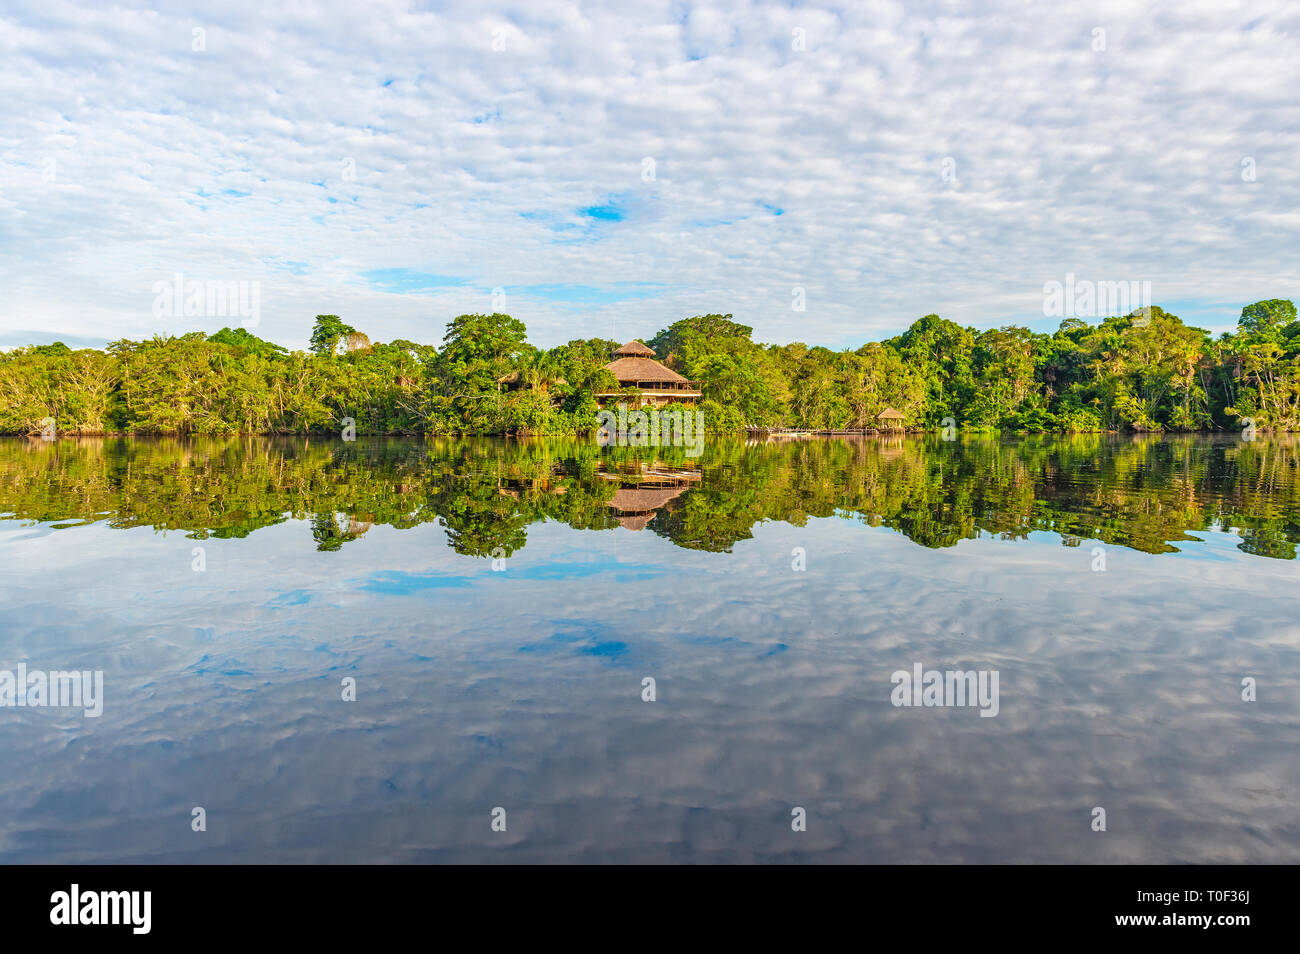 Jungle lodge in the Amazon Rainforest.The Amazon river basin is found in Guyana, Ecuador, Peru, Brazil, Colombia, Venezuela, Suriname and Bolivia. - Stock Image